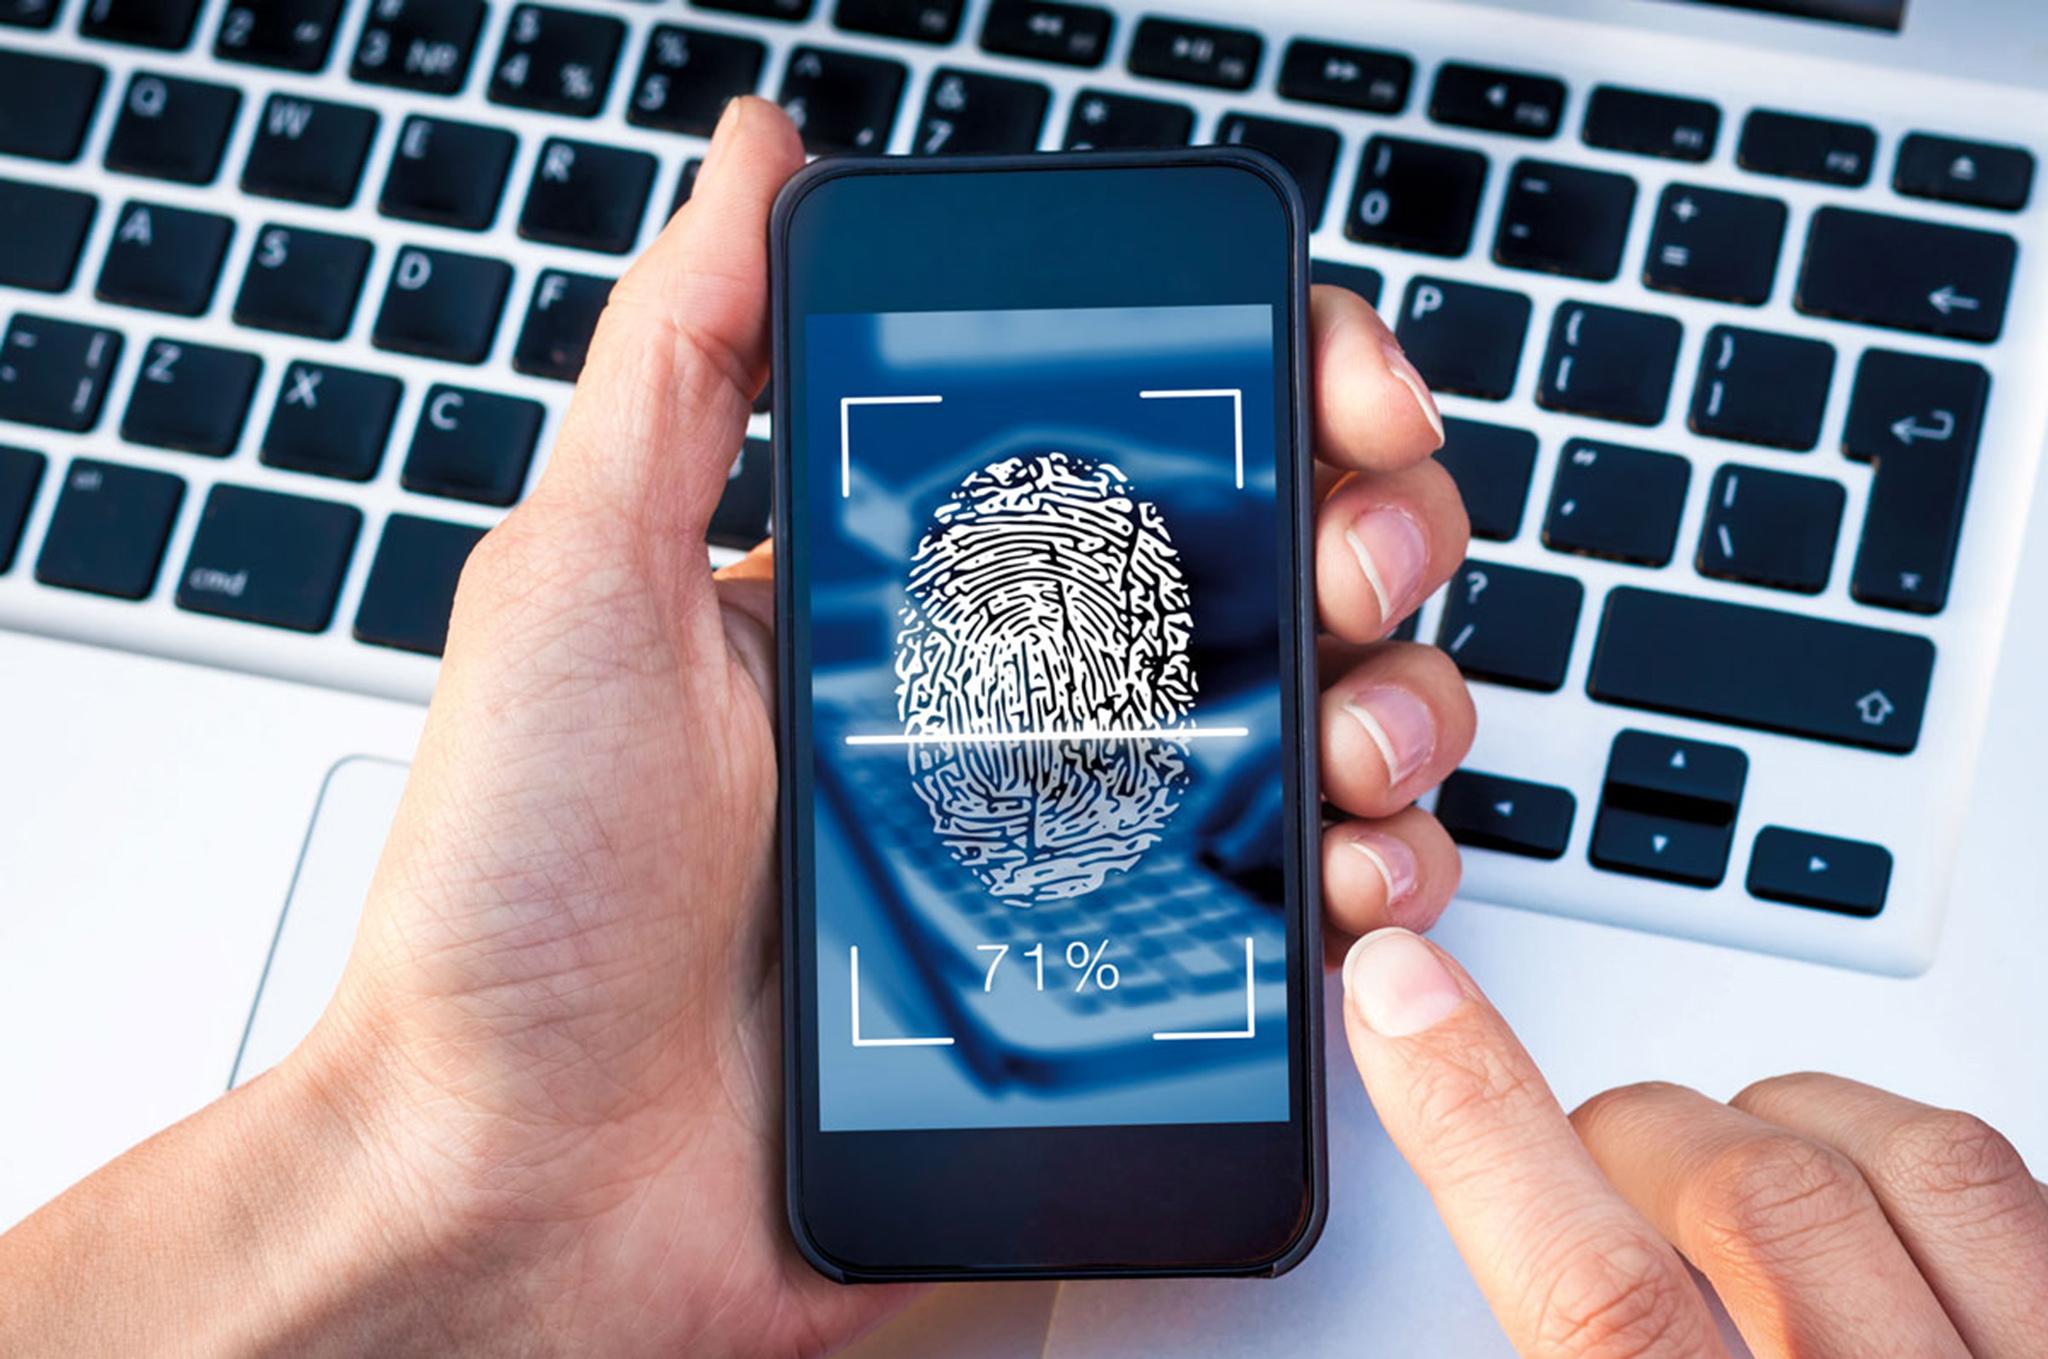 ซิตี้ เปิดตัวการใช้งานการพิสูจน์ตัวตนทางชีวภาพ (Biometric Authentication)  สำหรับลูกค้าสถาบัน ในเอเชียแปซิฟิก